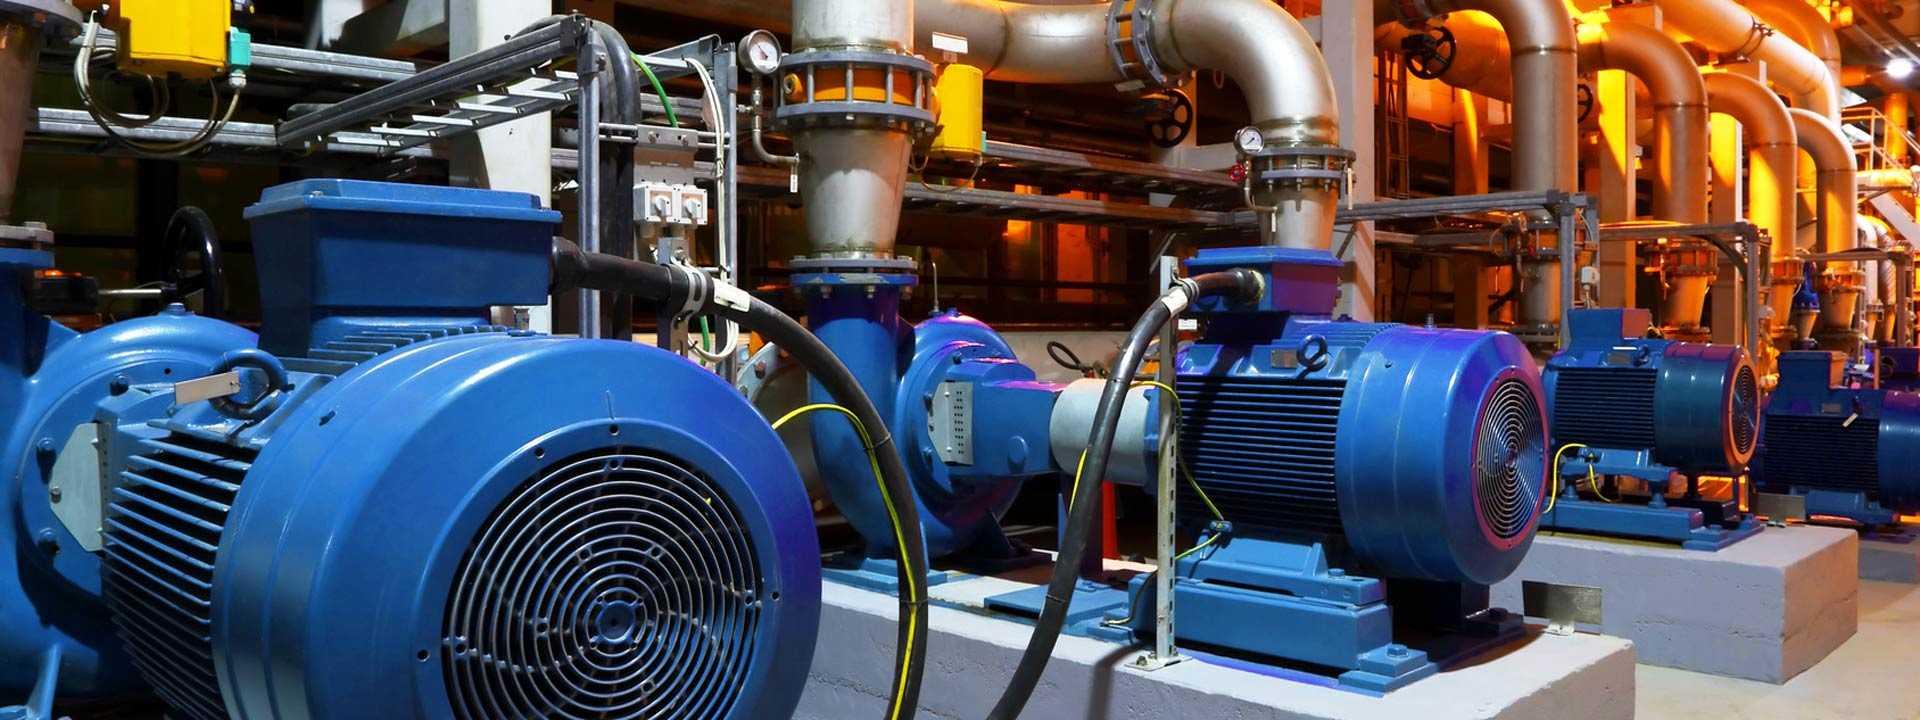 manutenzione preventiva industriale